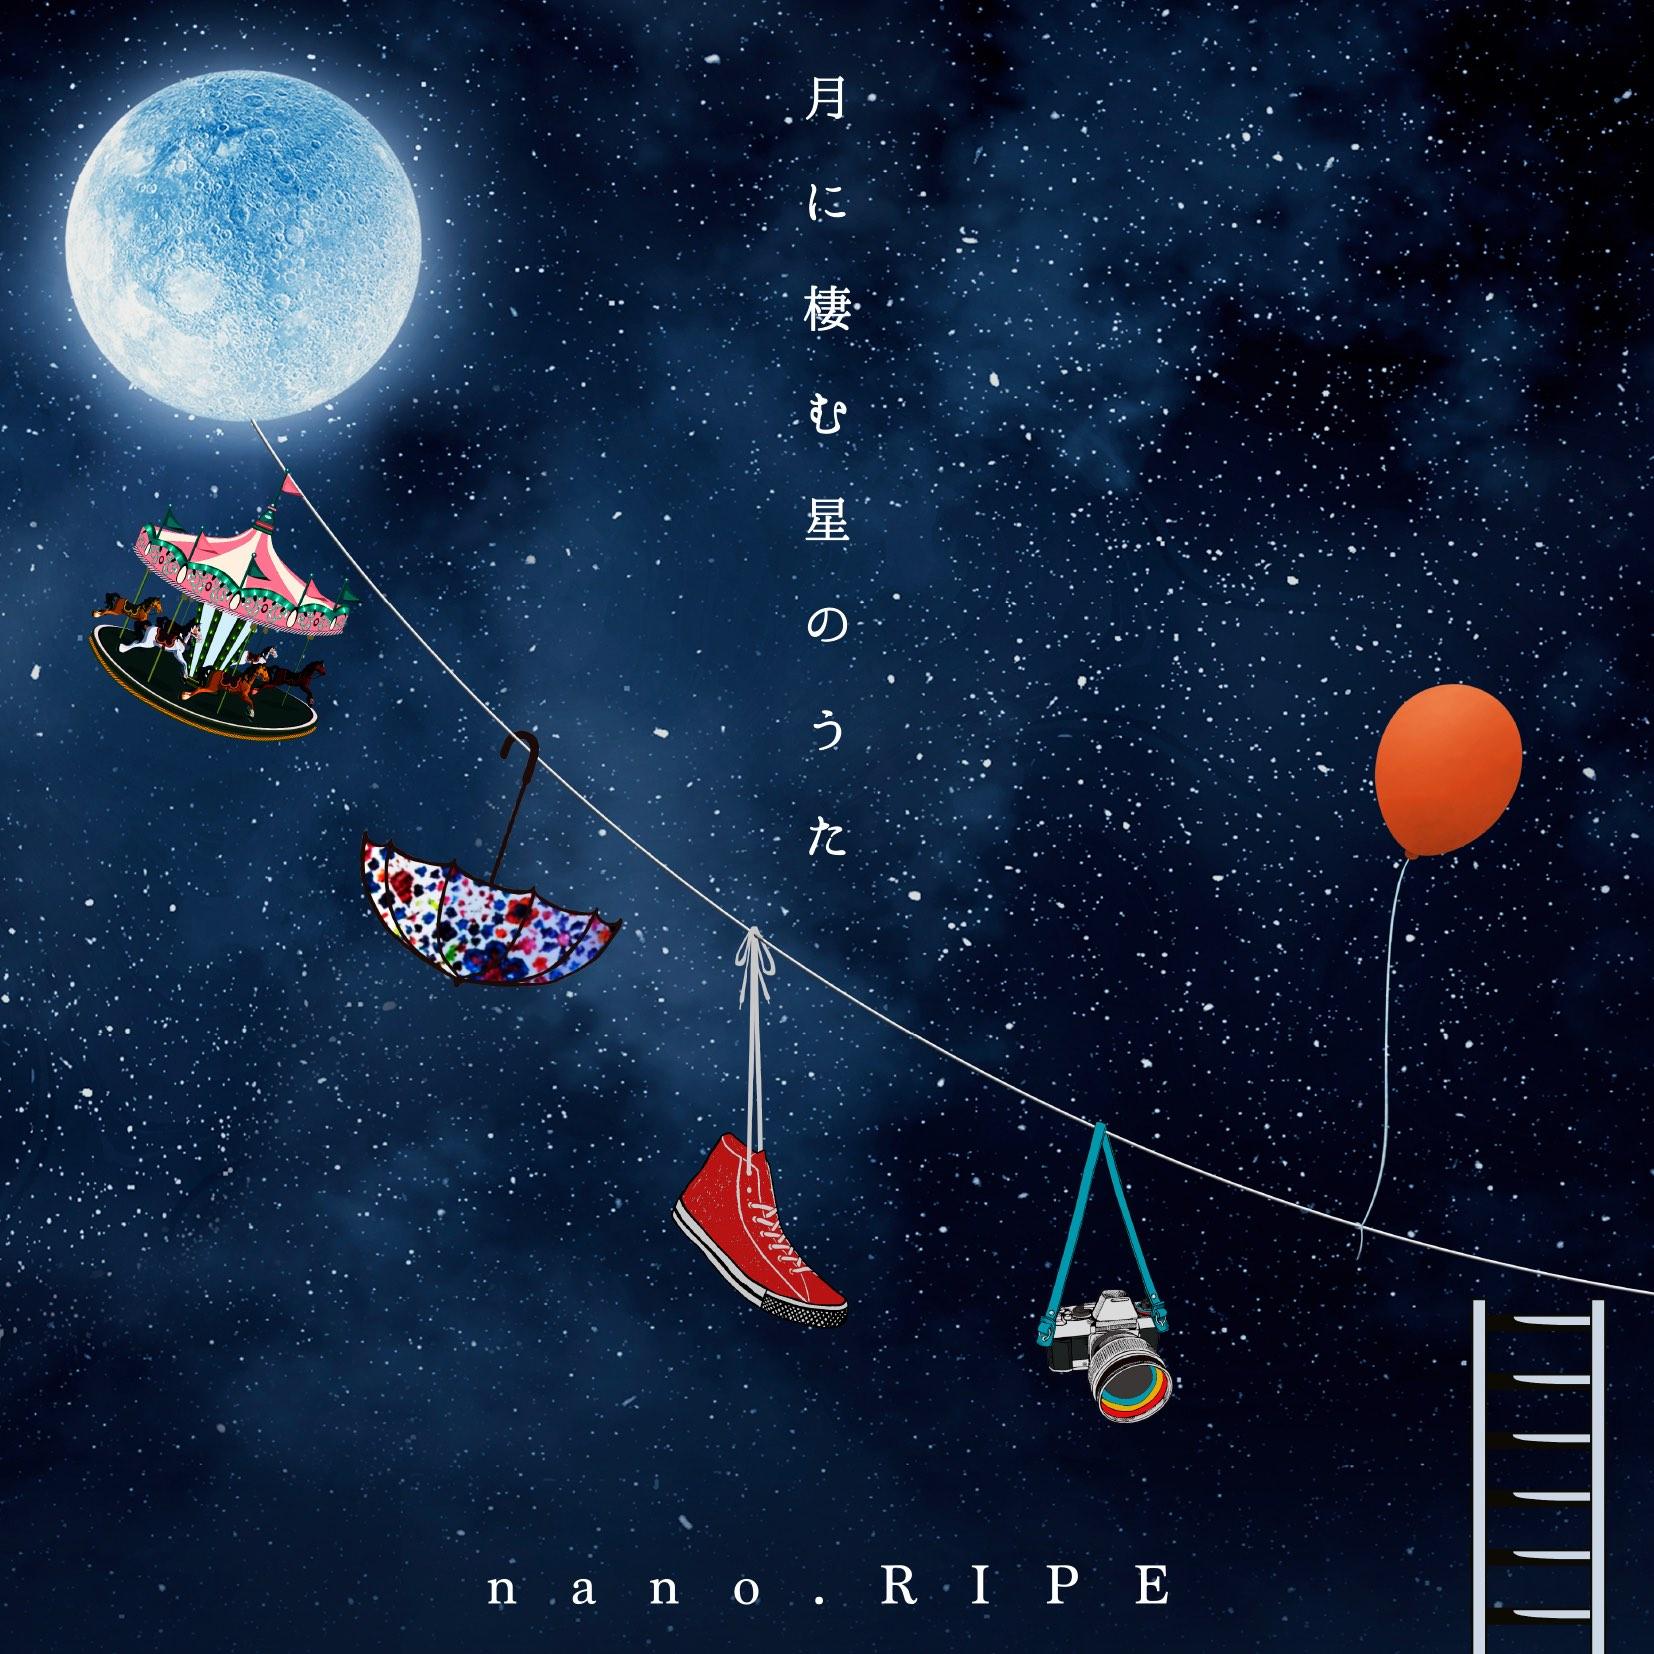 nano.RIPE - 月に棲む星のうた